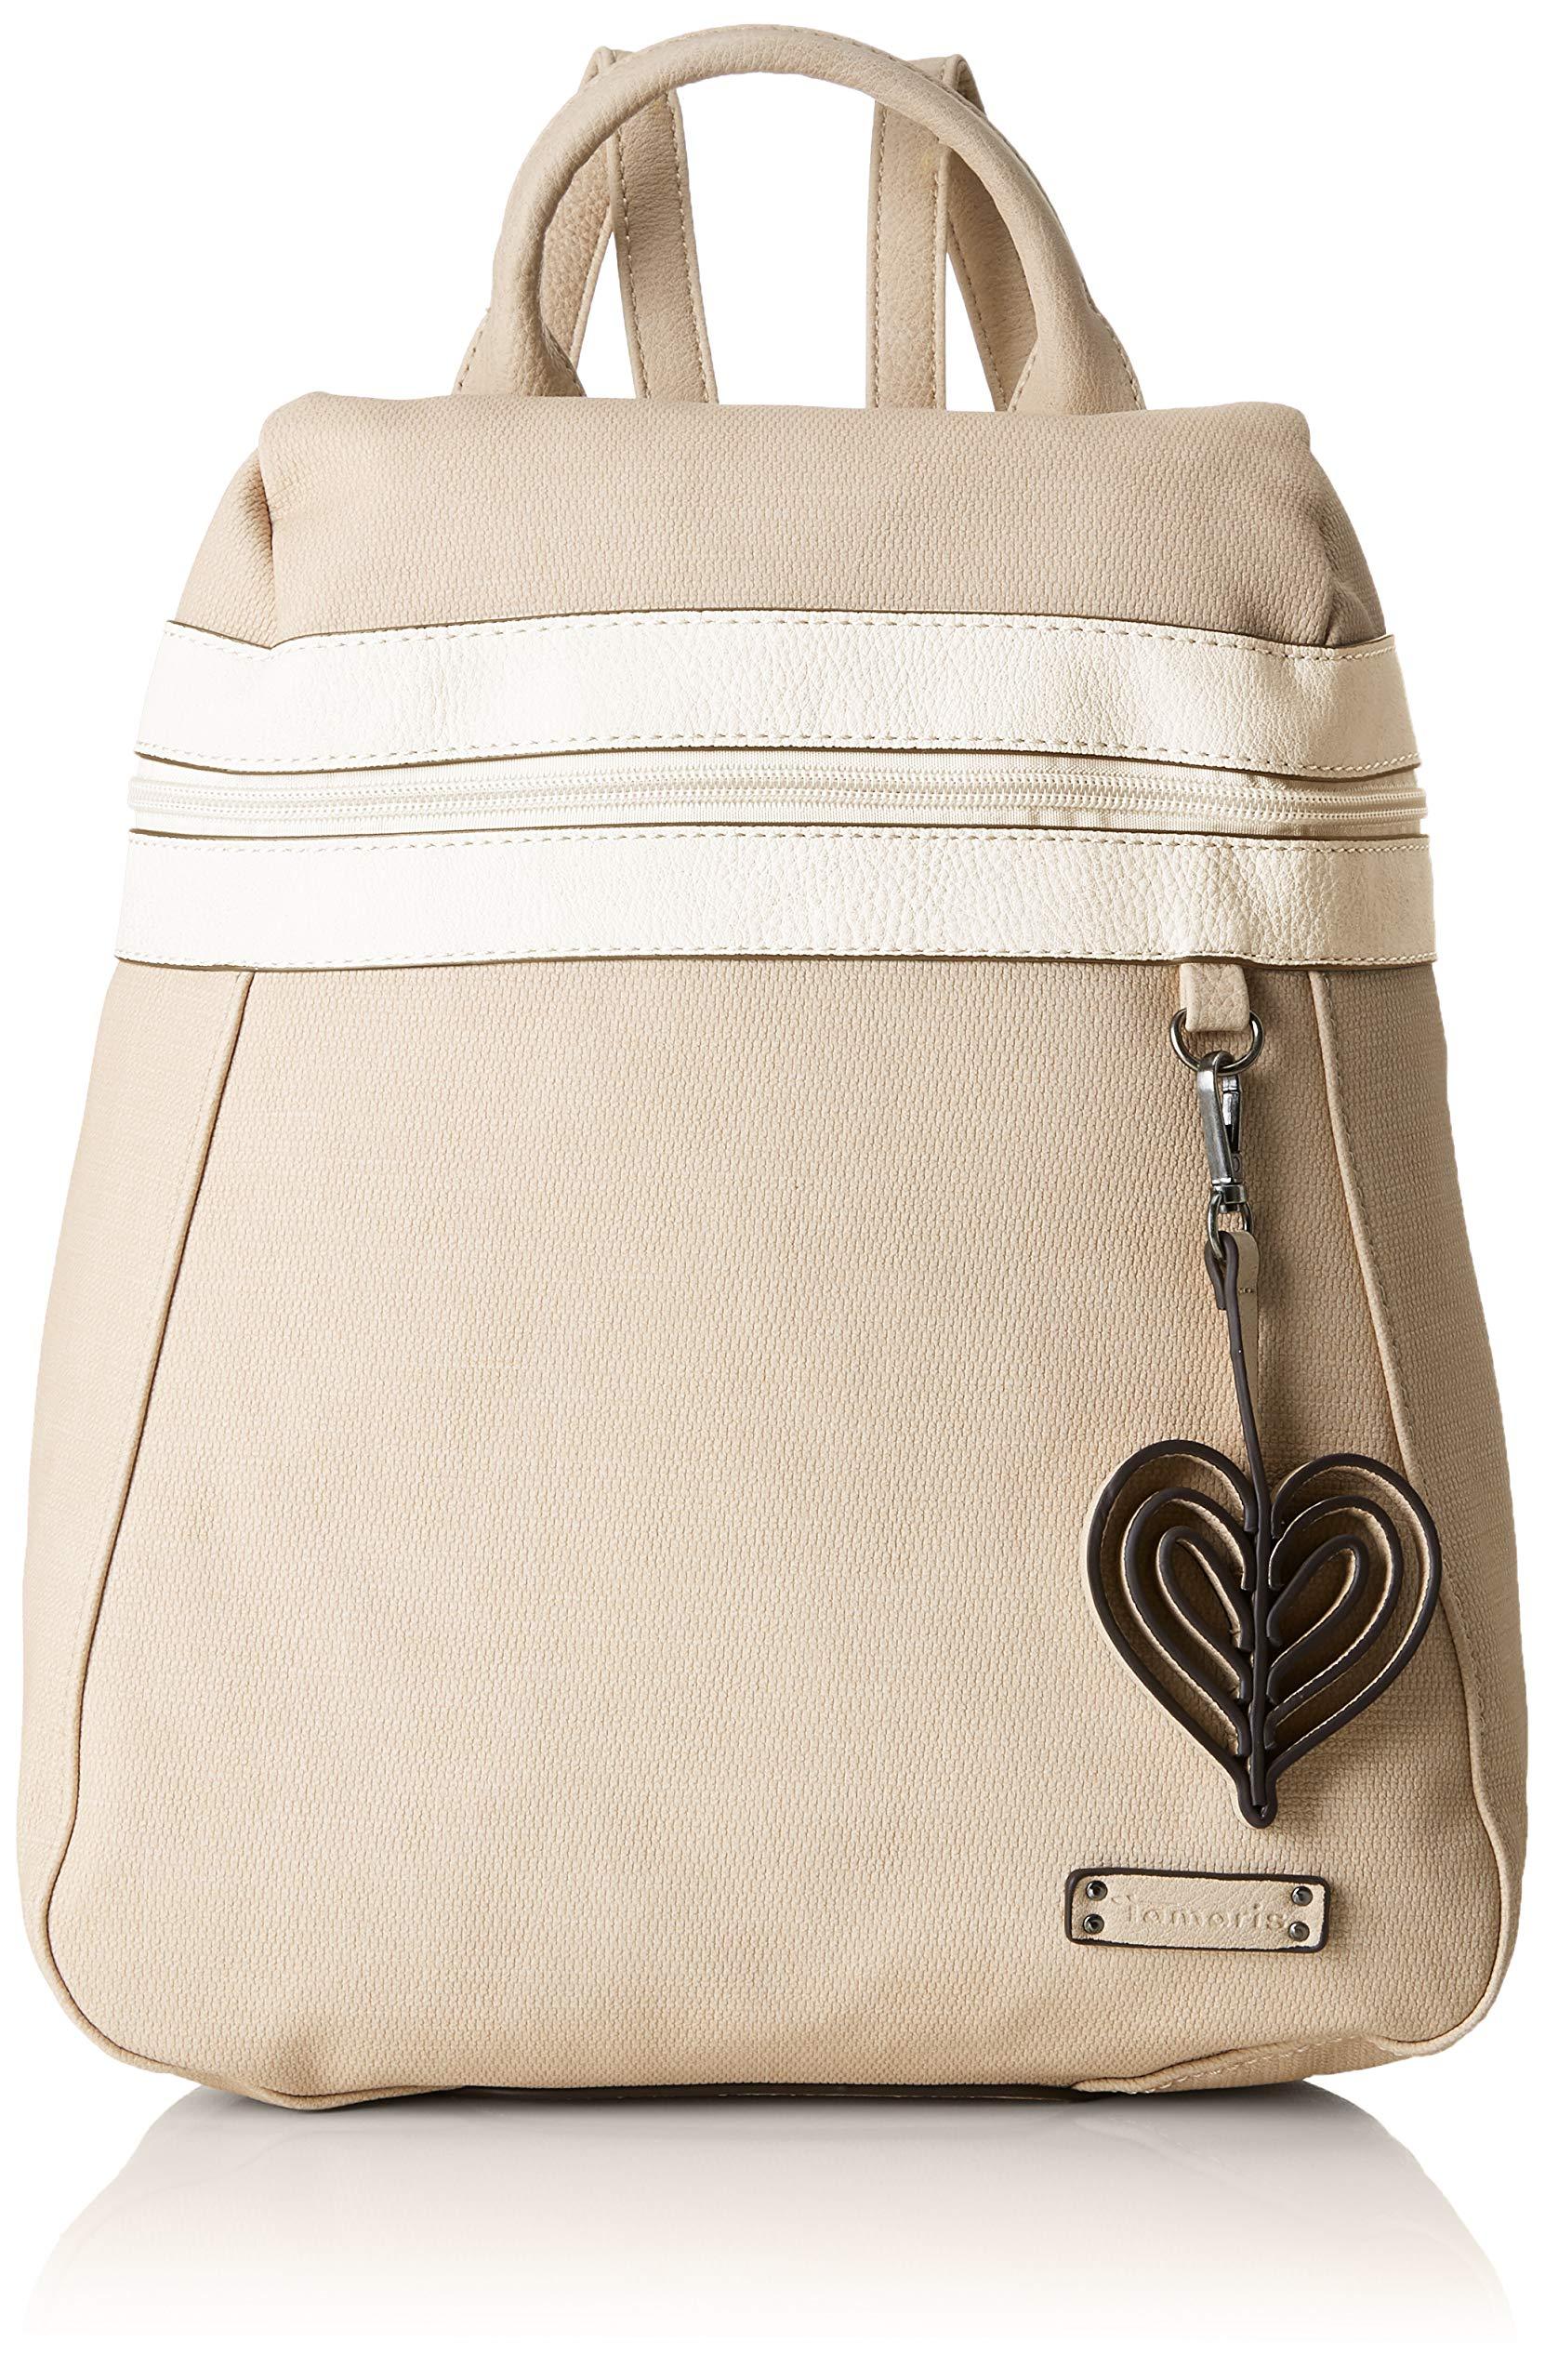 Dos 5x29x40 Tamaris Adina Comb8 H BackpackSacs FemmeBeigepepper Portés Cmw X L 4jR35ALq